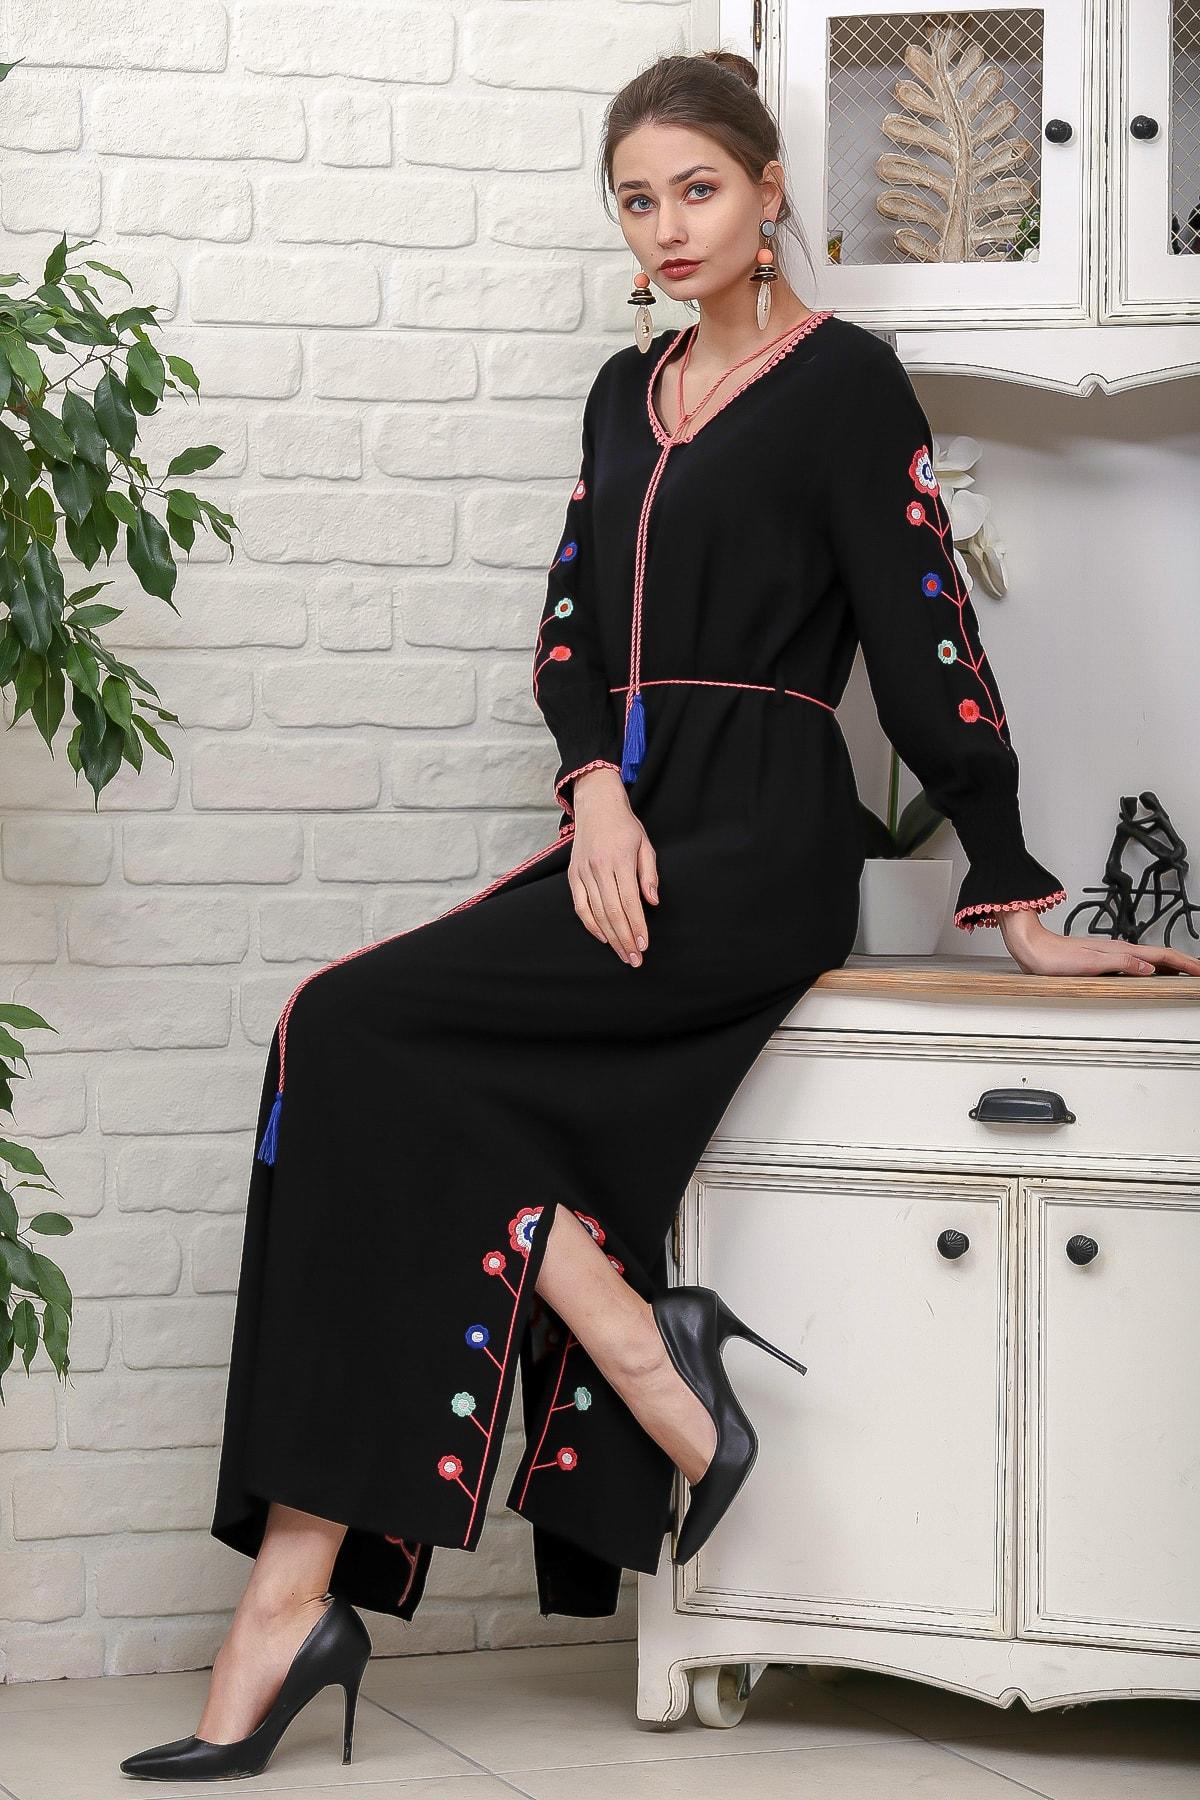 Chiccy Kadın Siyah Kol Ve Yırtmaçları Çiçek Nakışlı Püsküllü Bağcıklı Dokuma Uzun Elbise M10160000EL95942 0